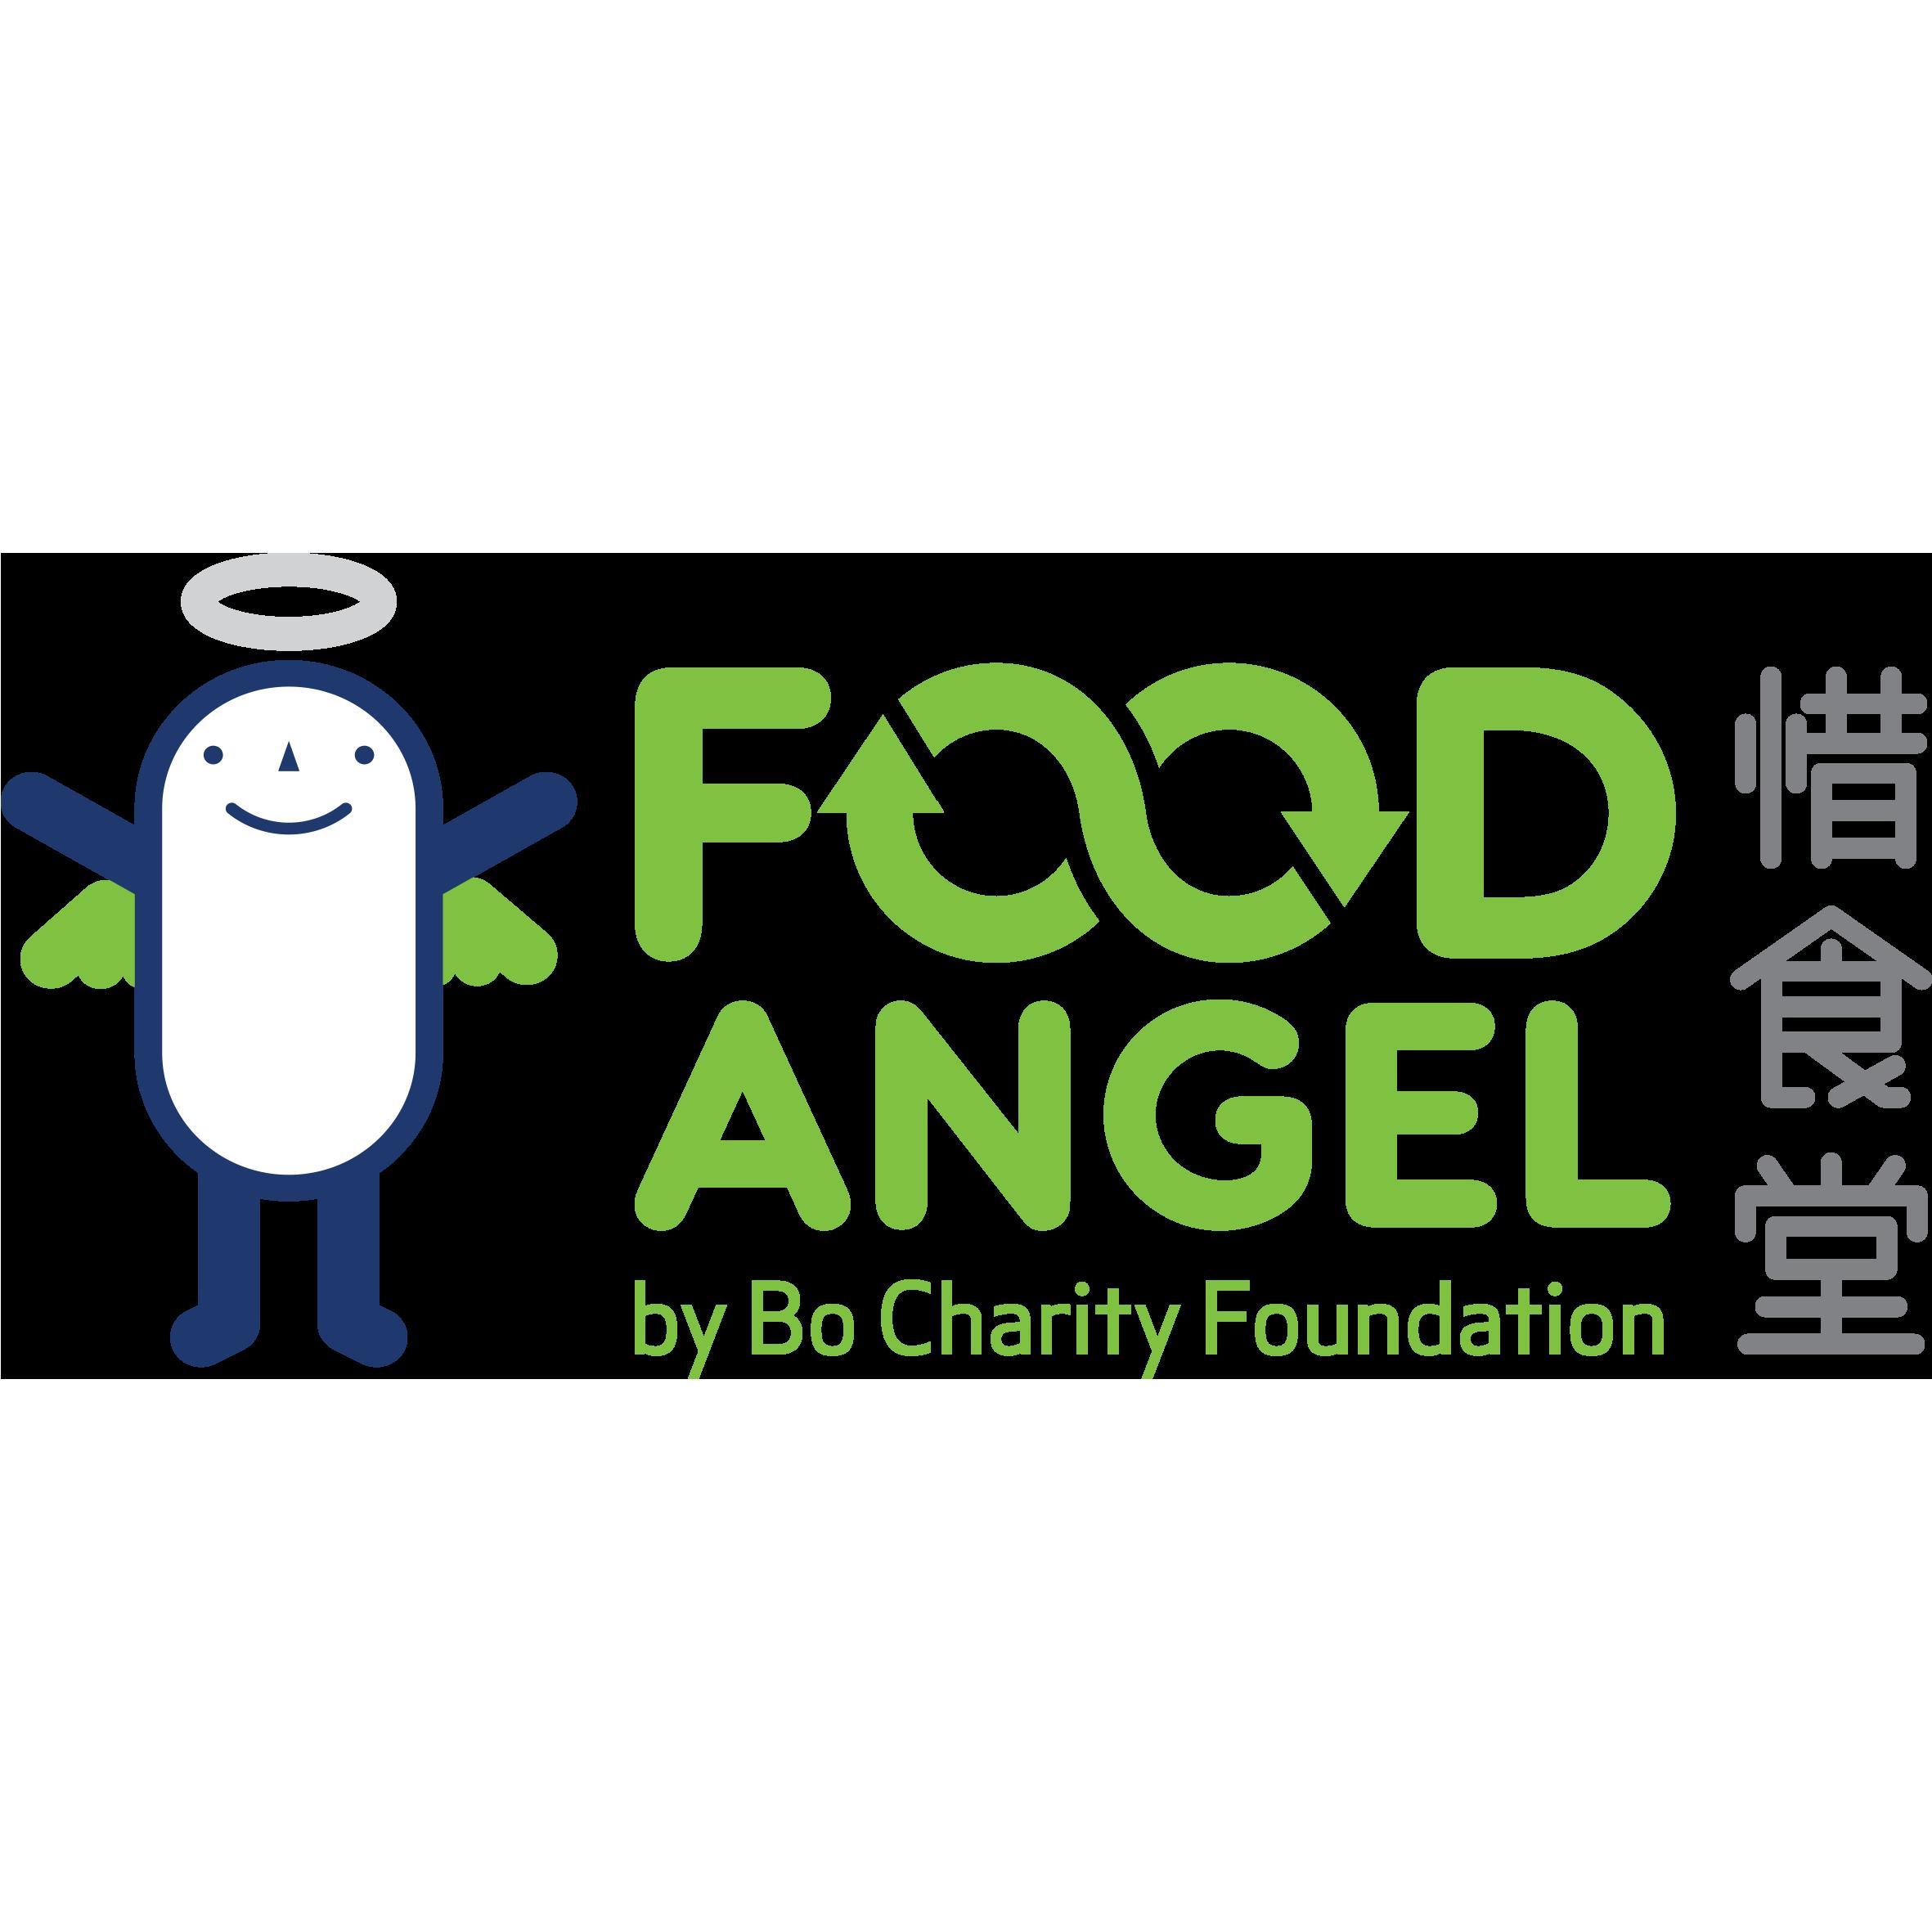 Food Angel